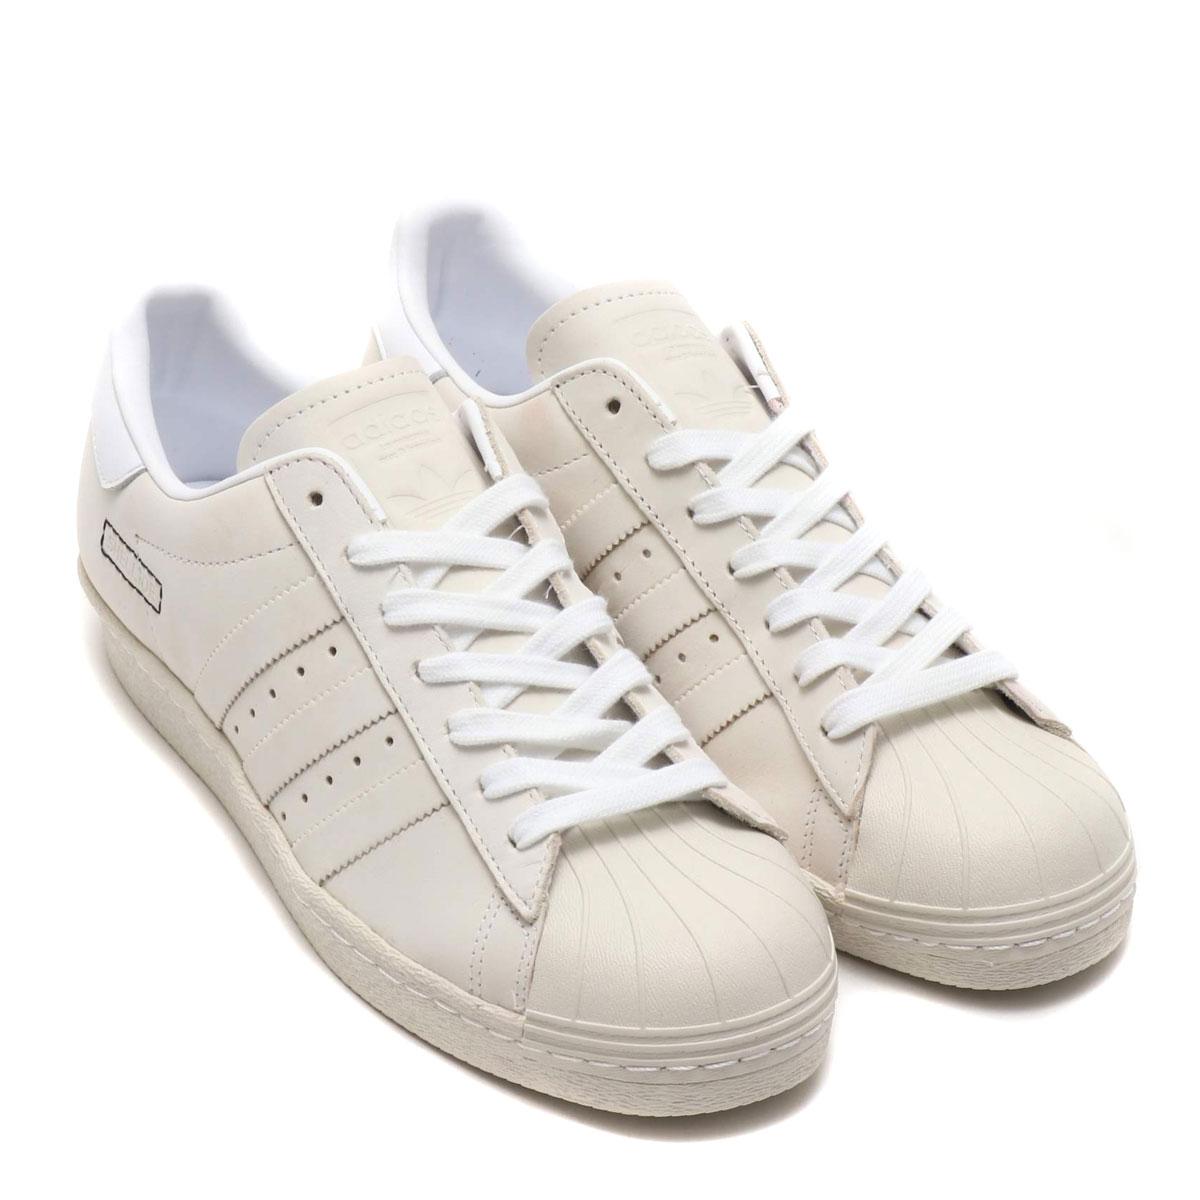 adidas Originals SUPERSTAR 80s(アディダスオリジナルス スパースター 80s)RUNNING WHITE/RUNNING WHITE/RAW WHITE【メンズ レディース スニーカー】19SS-S